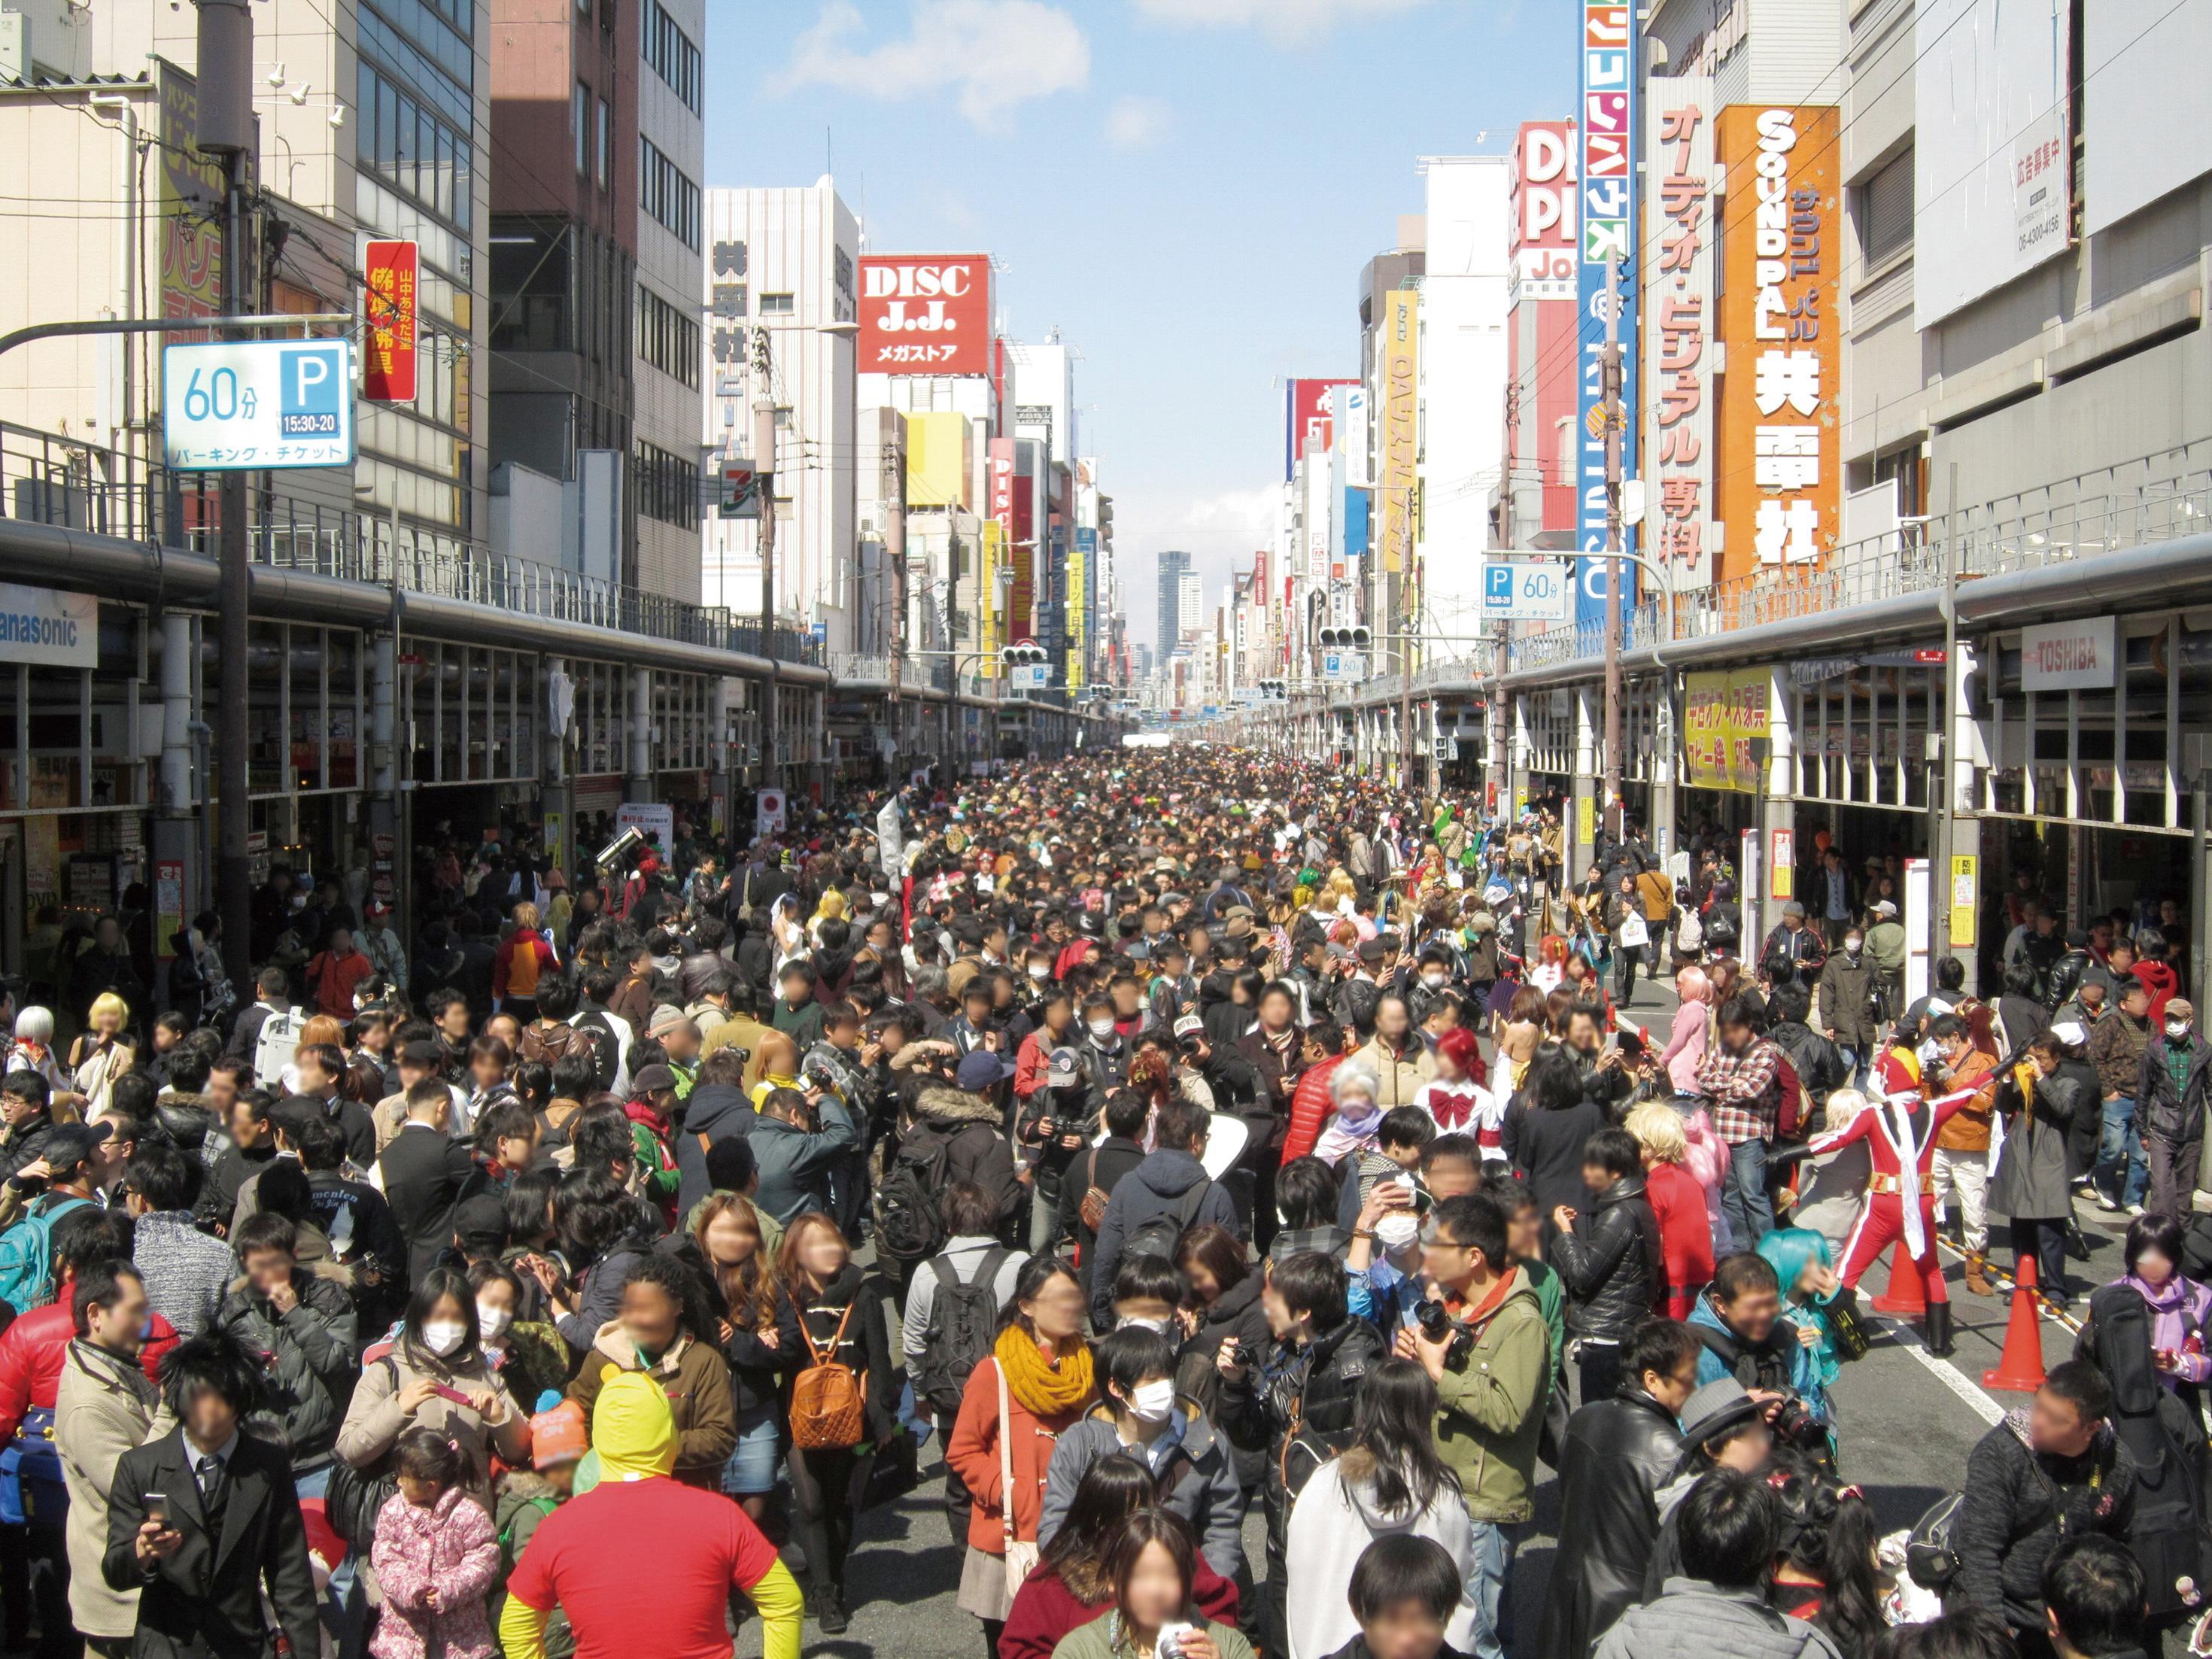 osaka den den town Nihonbashi Street Festa